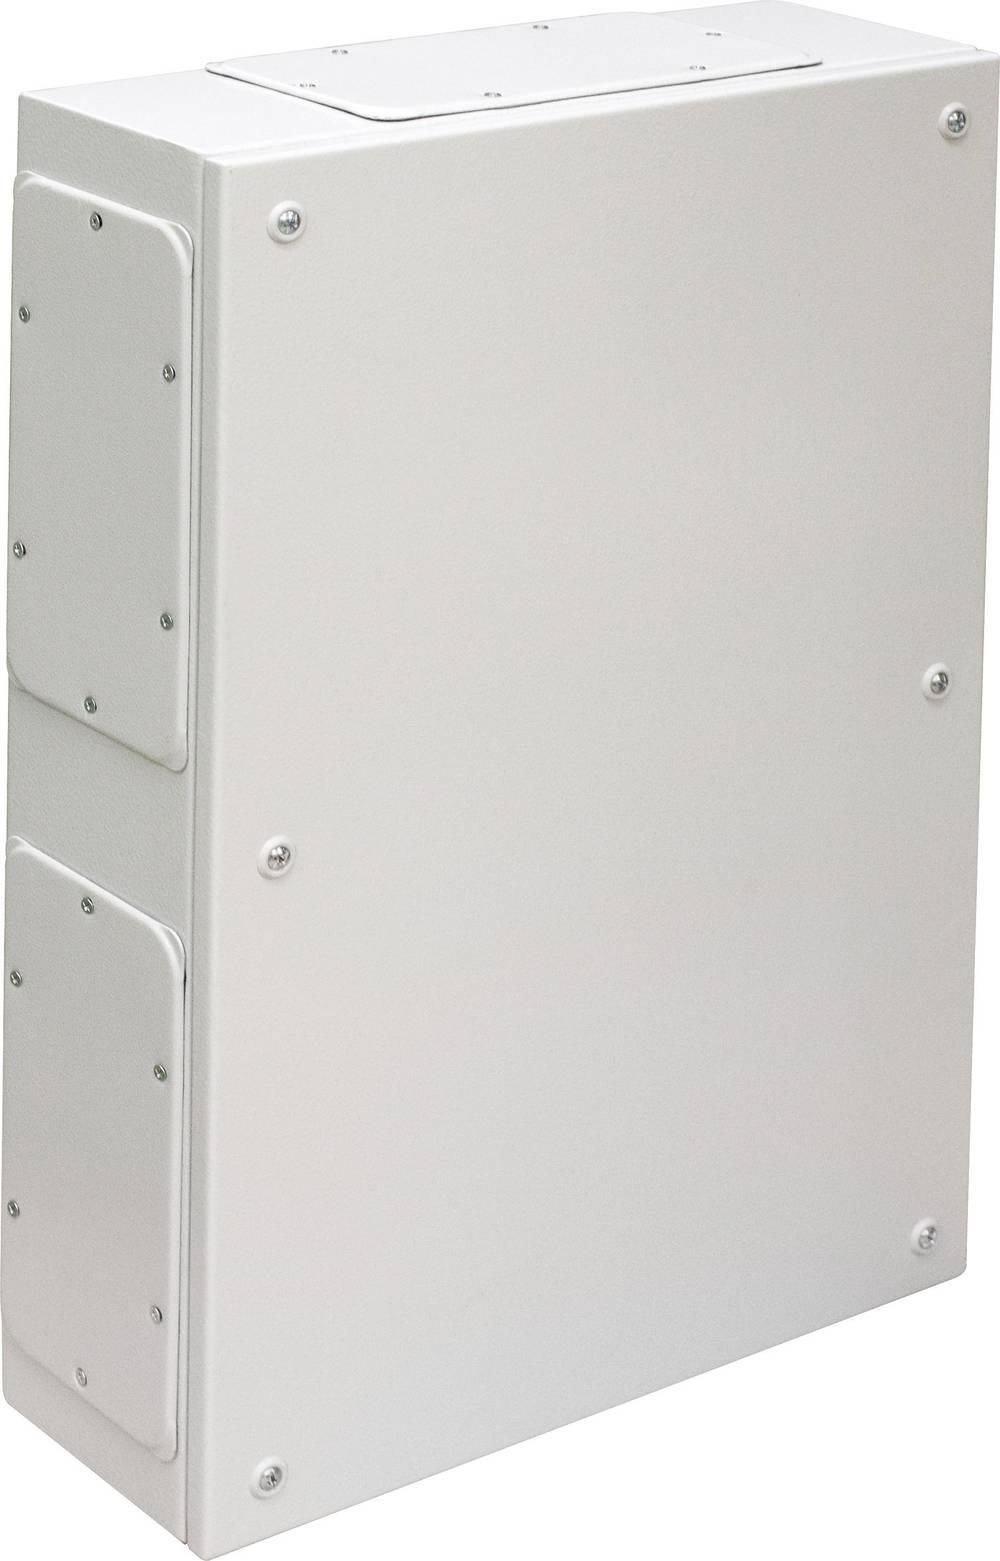 Installationskabinet, Kabinet til montering på væggen IDE 26105 300 x 200 x 135 Stålplade 1 stk